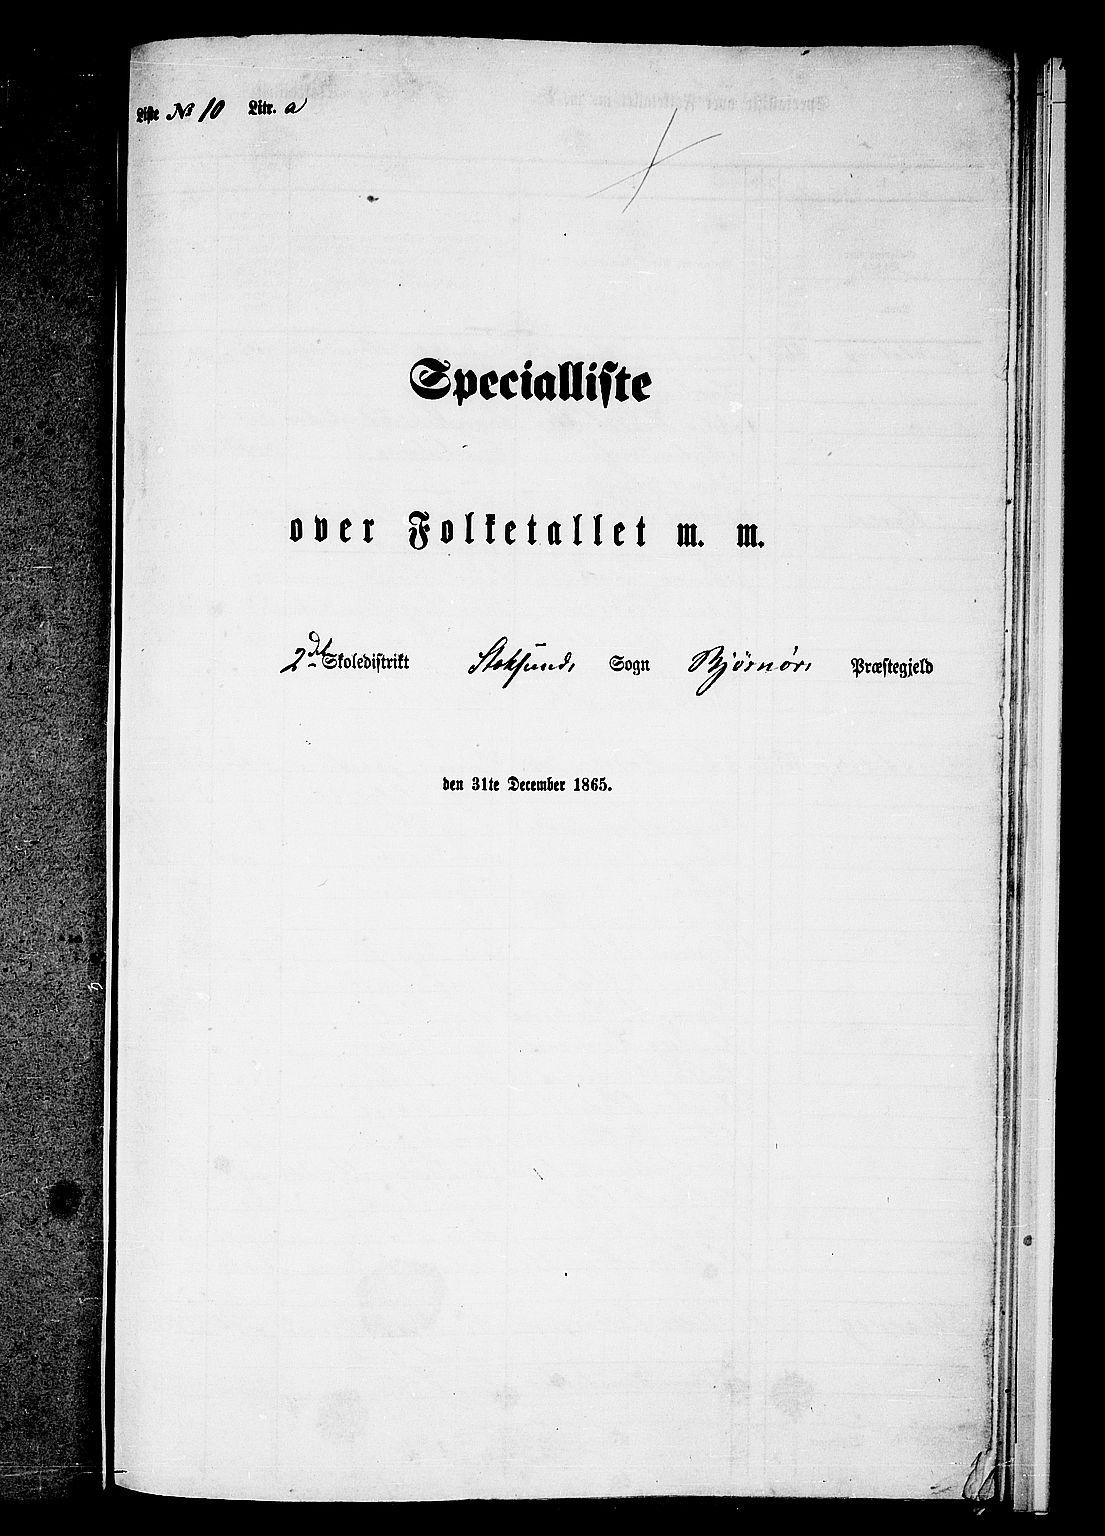 RA, Folketelling 1865 for 1632P Bjørnør prestegjeld, 1865, s. 136